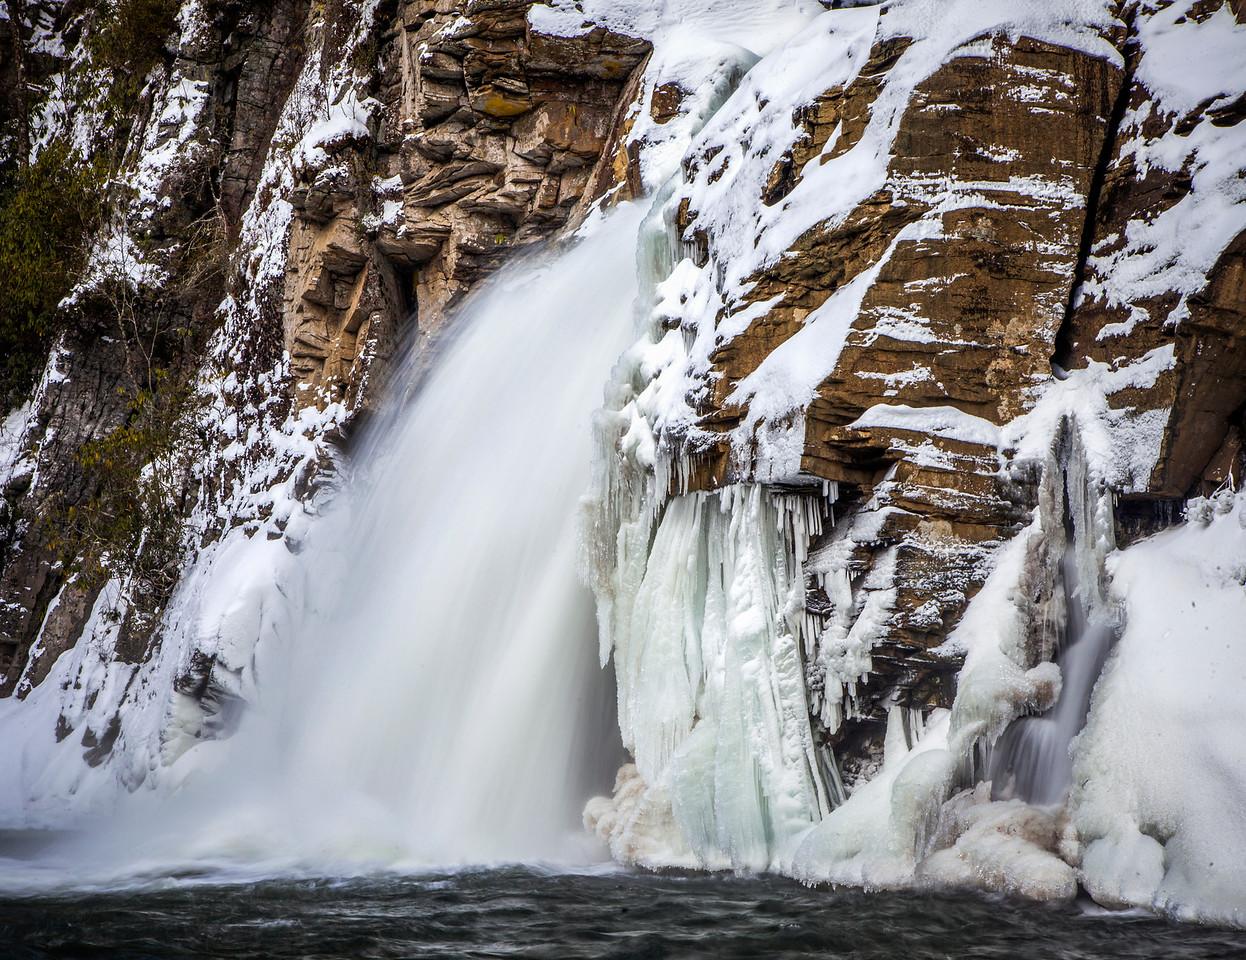 Liville Falls Snowstorm